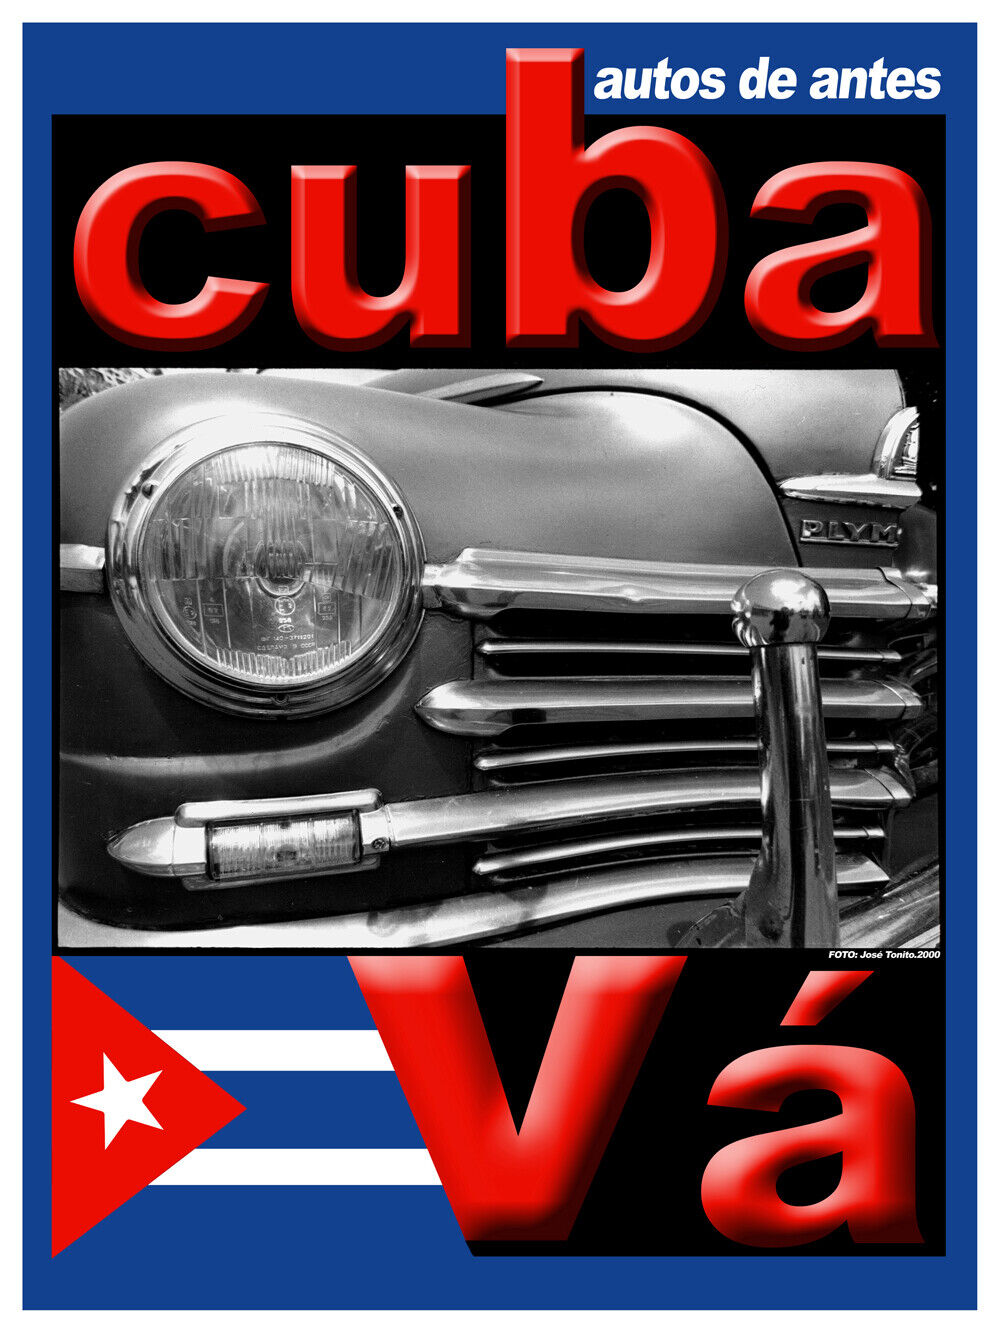 7570.Decoration Poster.Home Room wall shop art design.Vintage car auto.Cuba Va